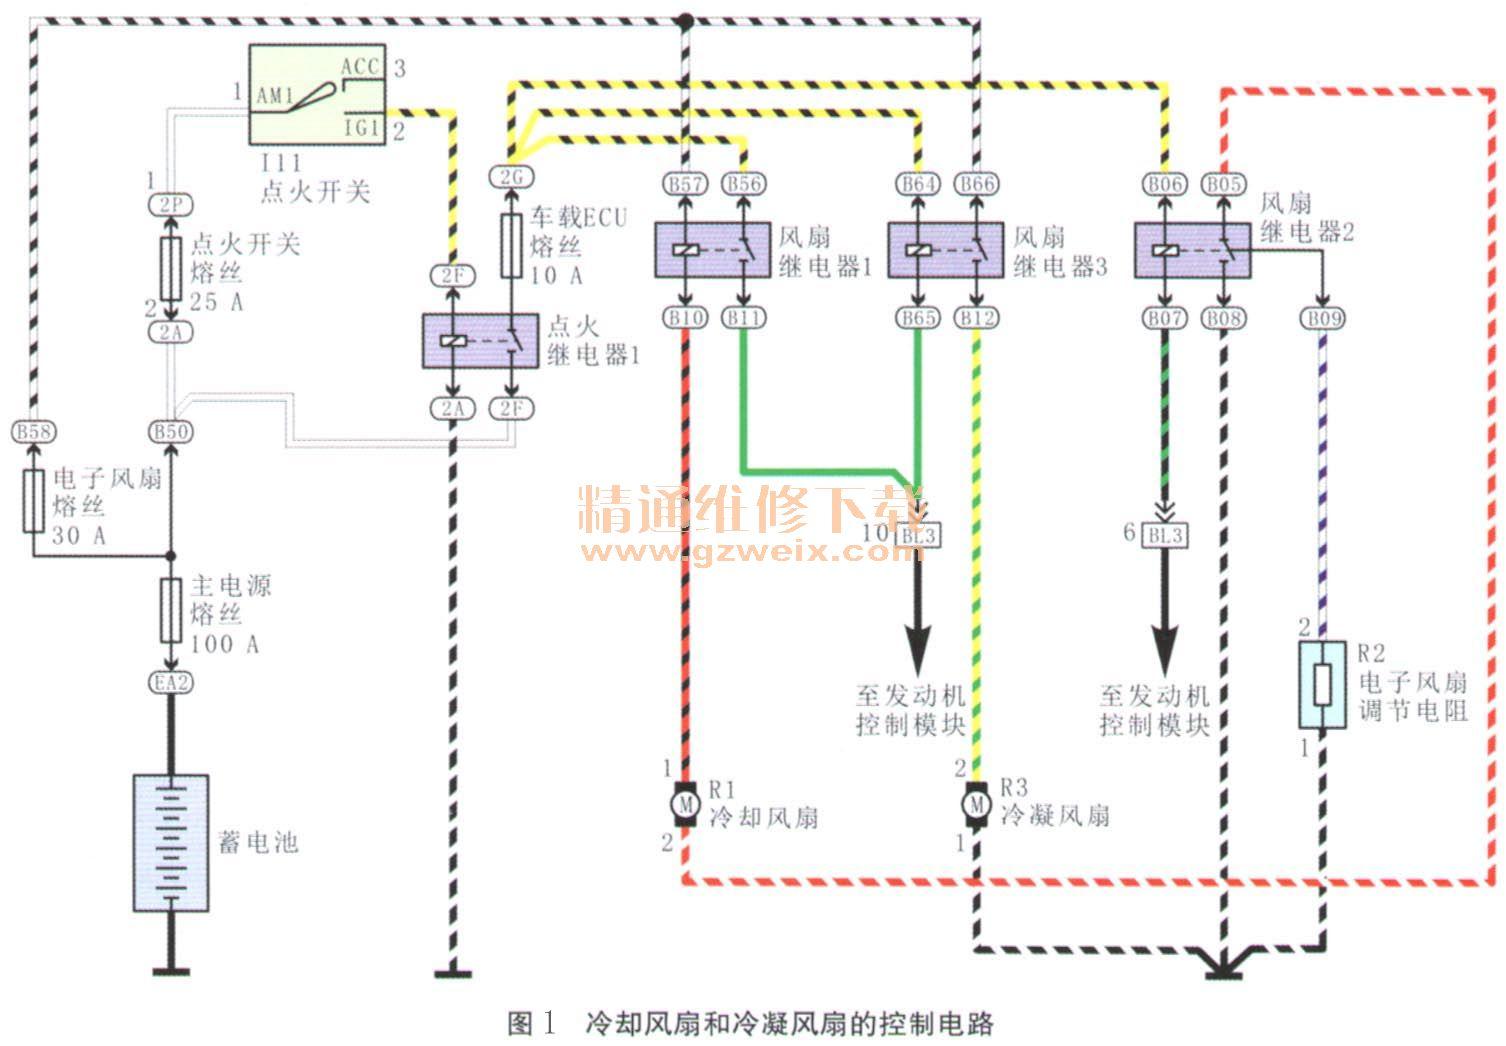 查看电路图,该车安装的风扇2号继电器应该是5端子的